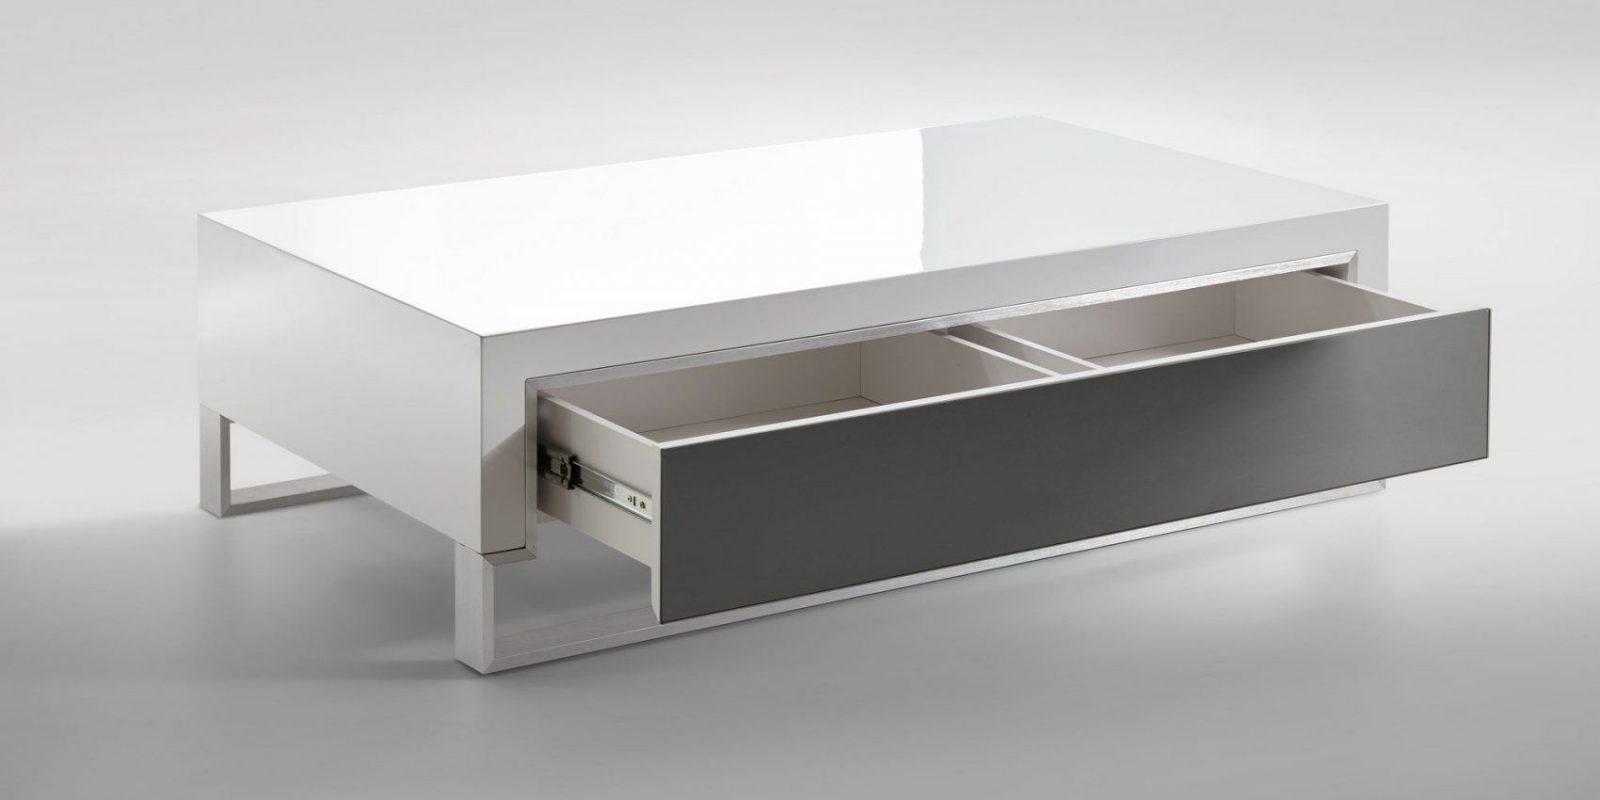 Couchtisch Ideen Aufregend Couchtisch Schublade Konzeption Hd von Couchtisch Mit Schublade Ikea Photo